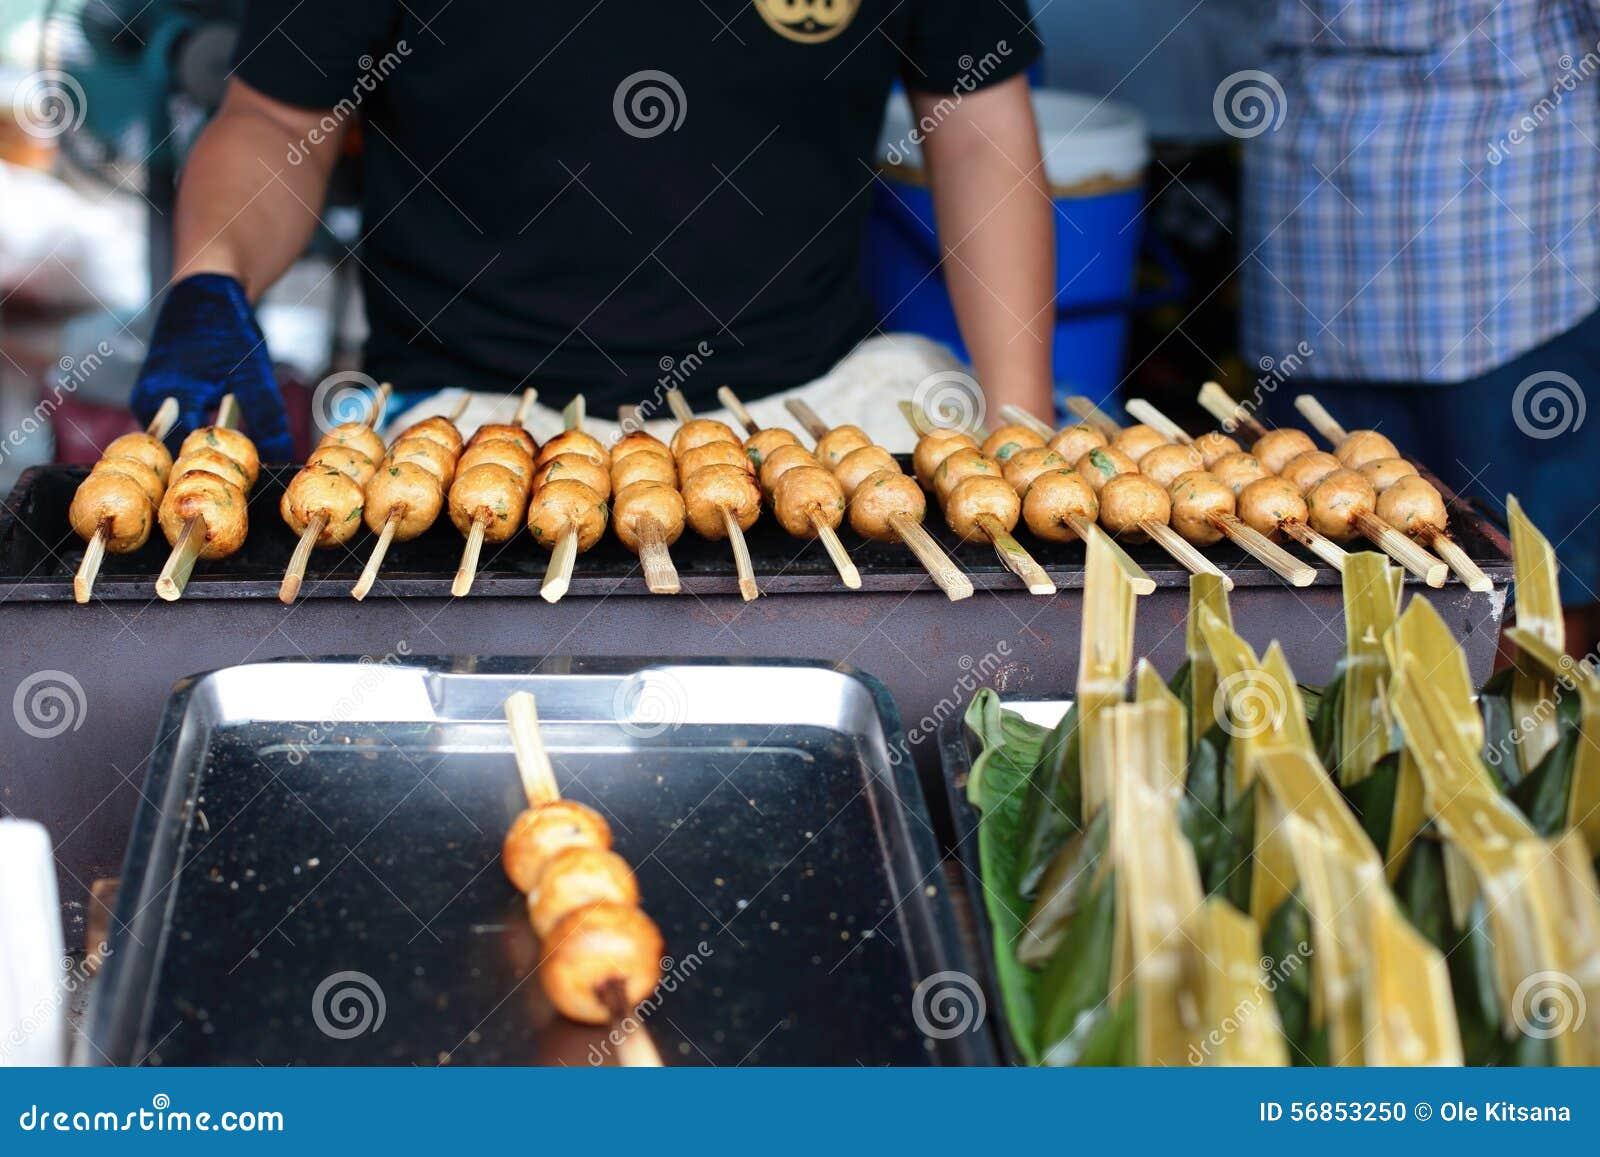 Lon Thai Food